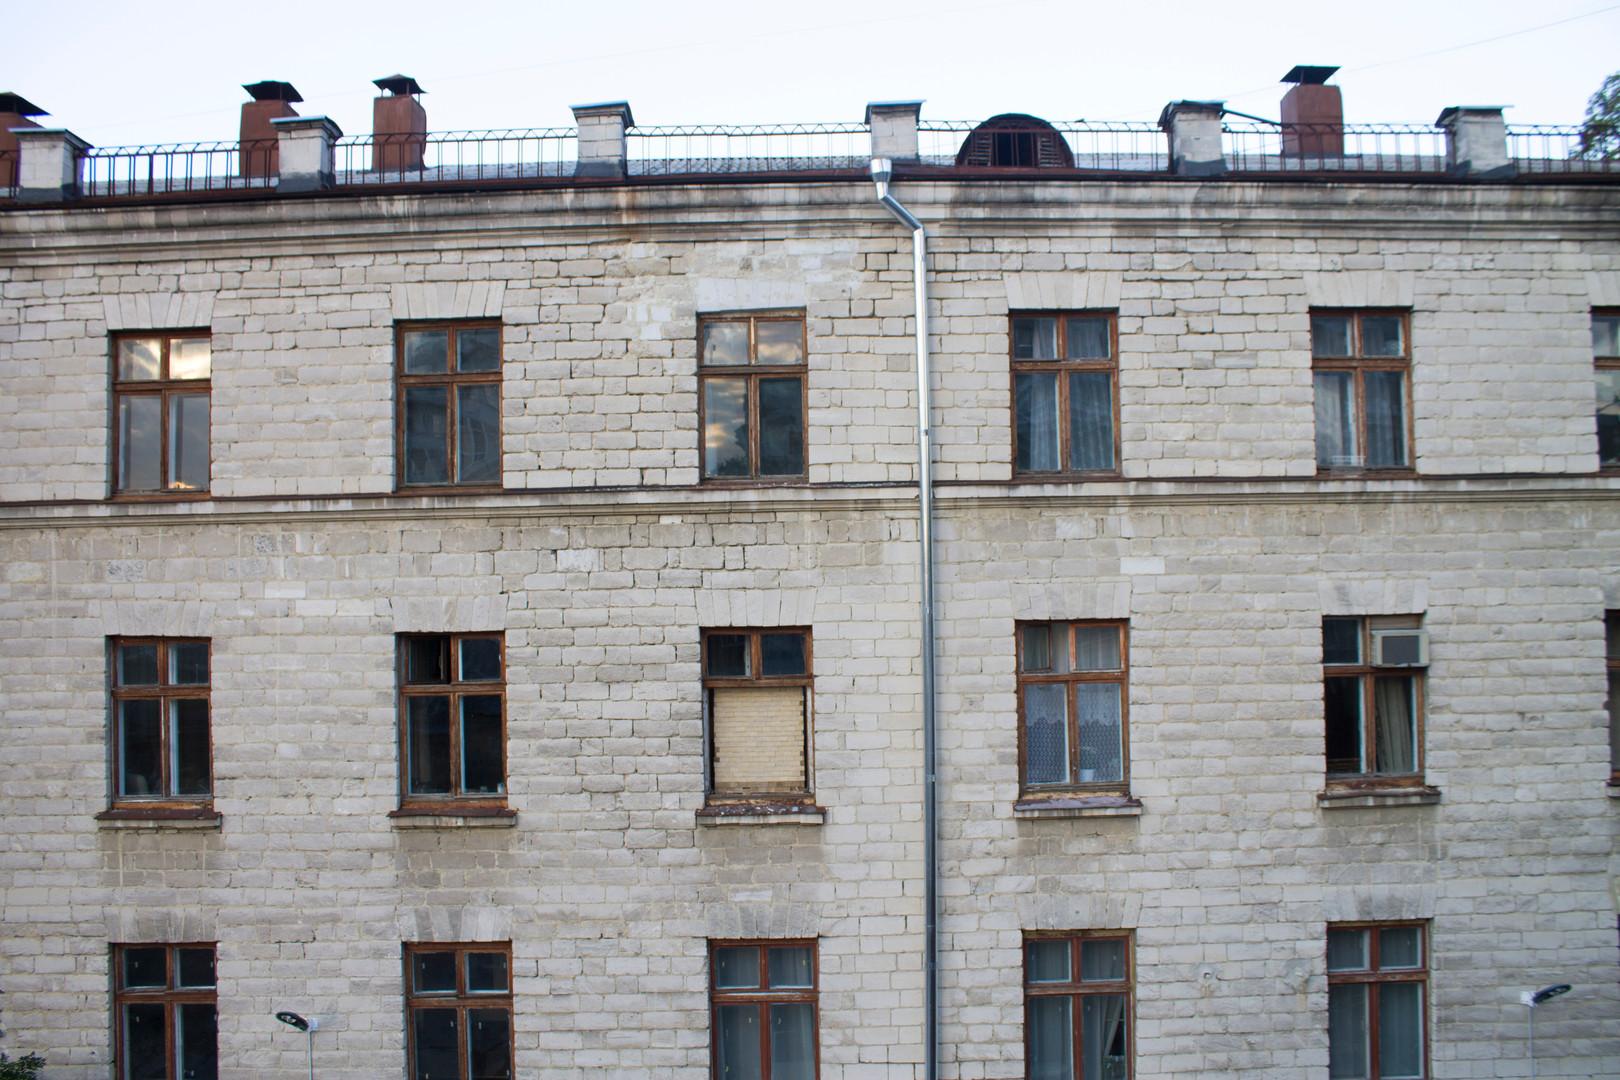 ferestre.jpg